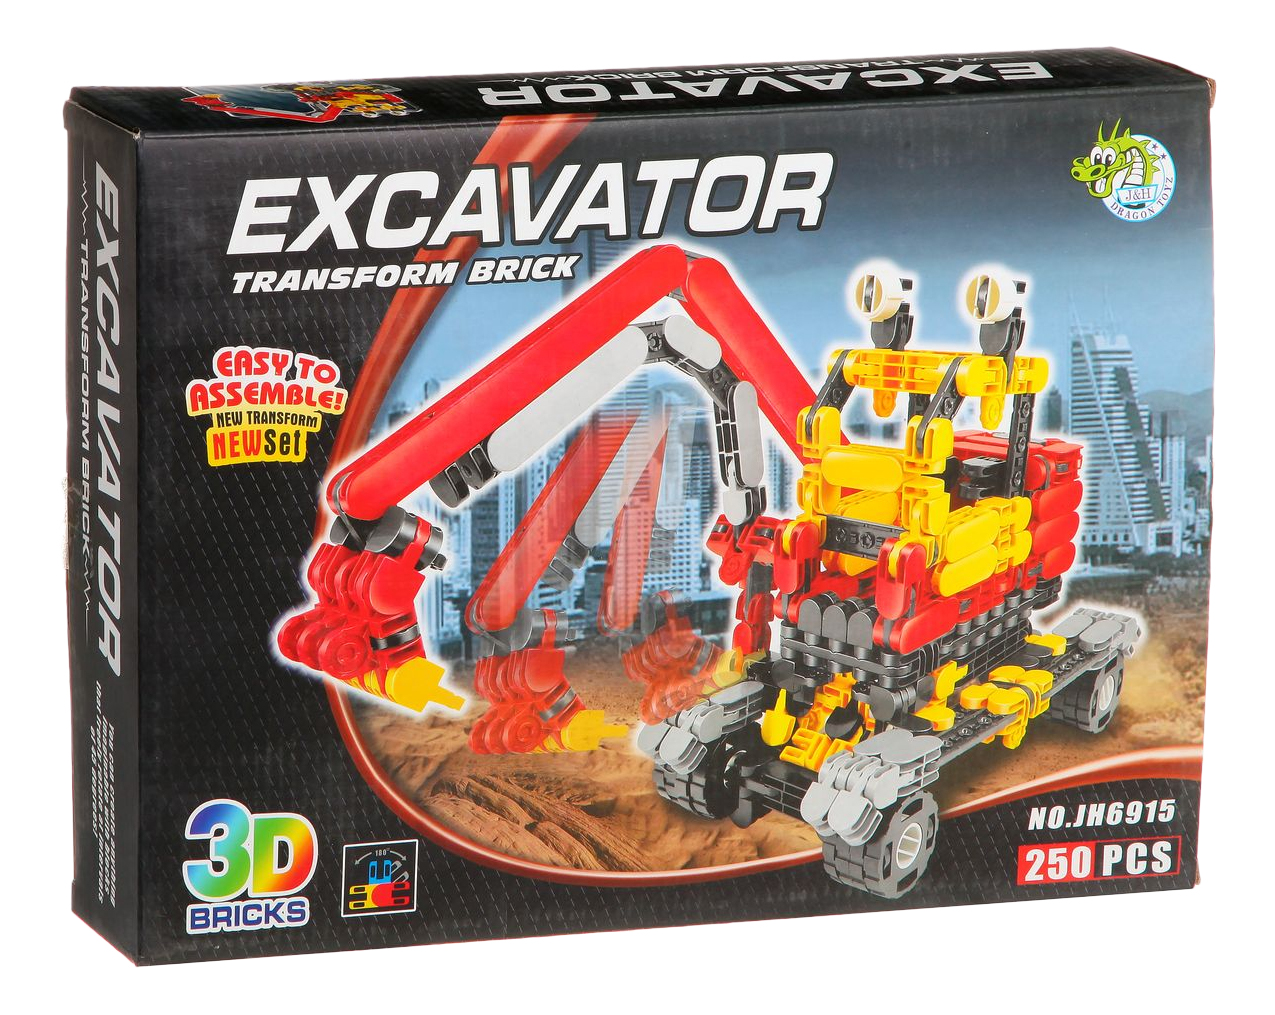 Конструктор Страйп Экскаватор Dragon Toys 250 дет.